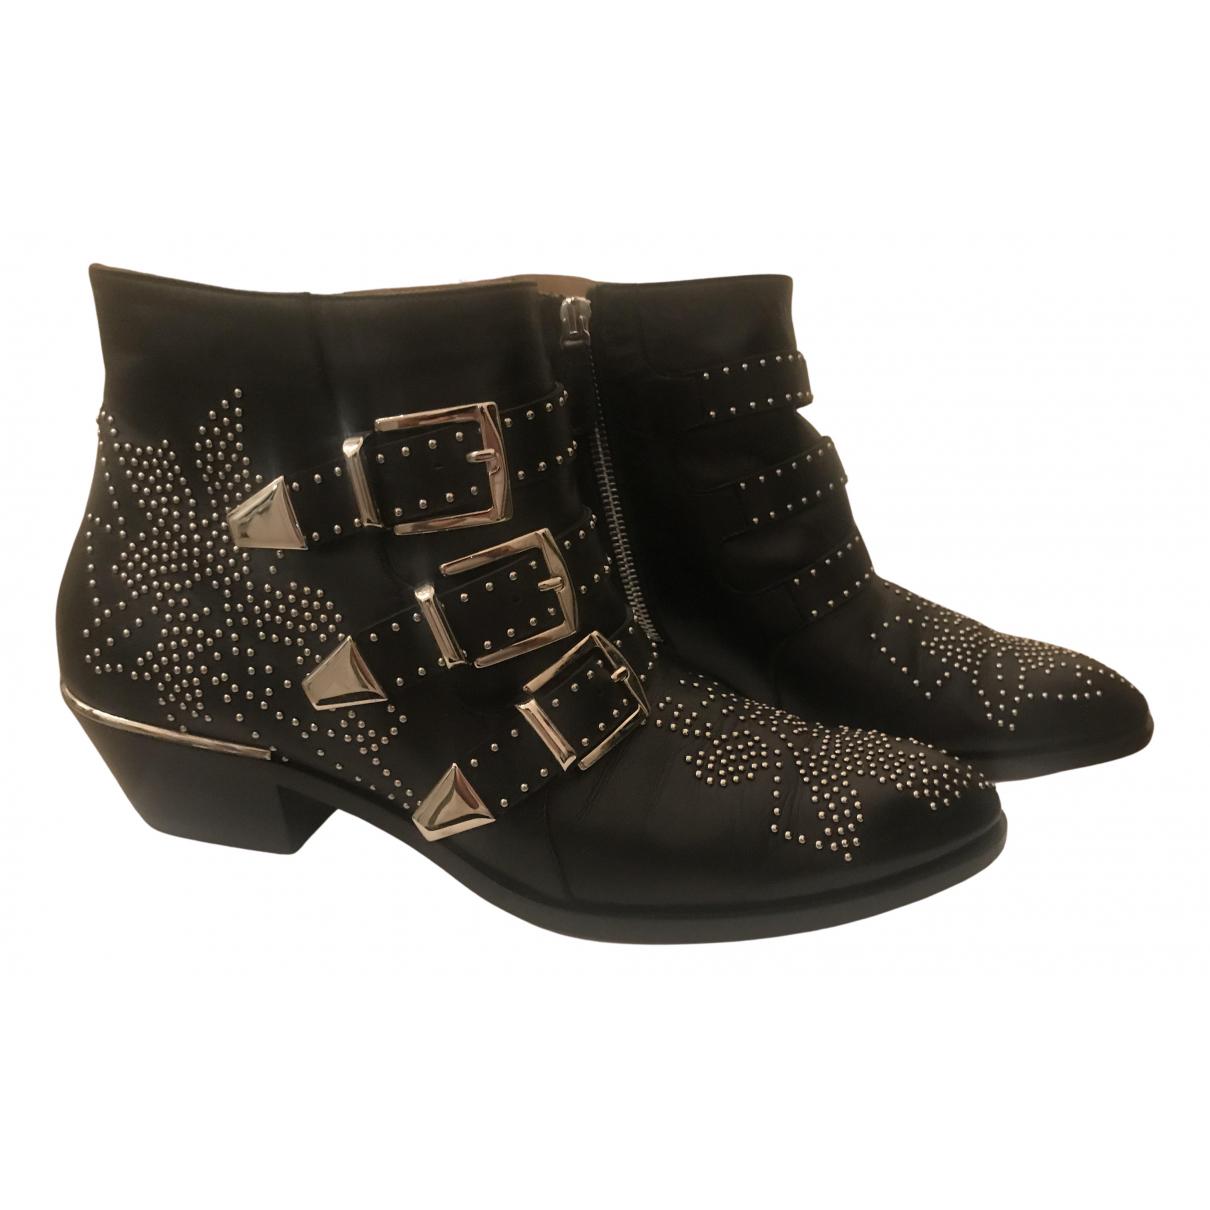 Chloé Susanna Black Leather Ankle boots for Women 39 EU